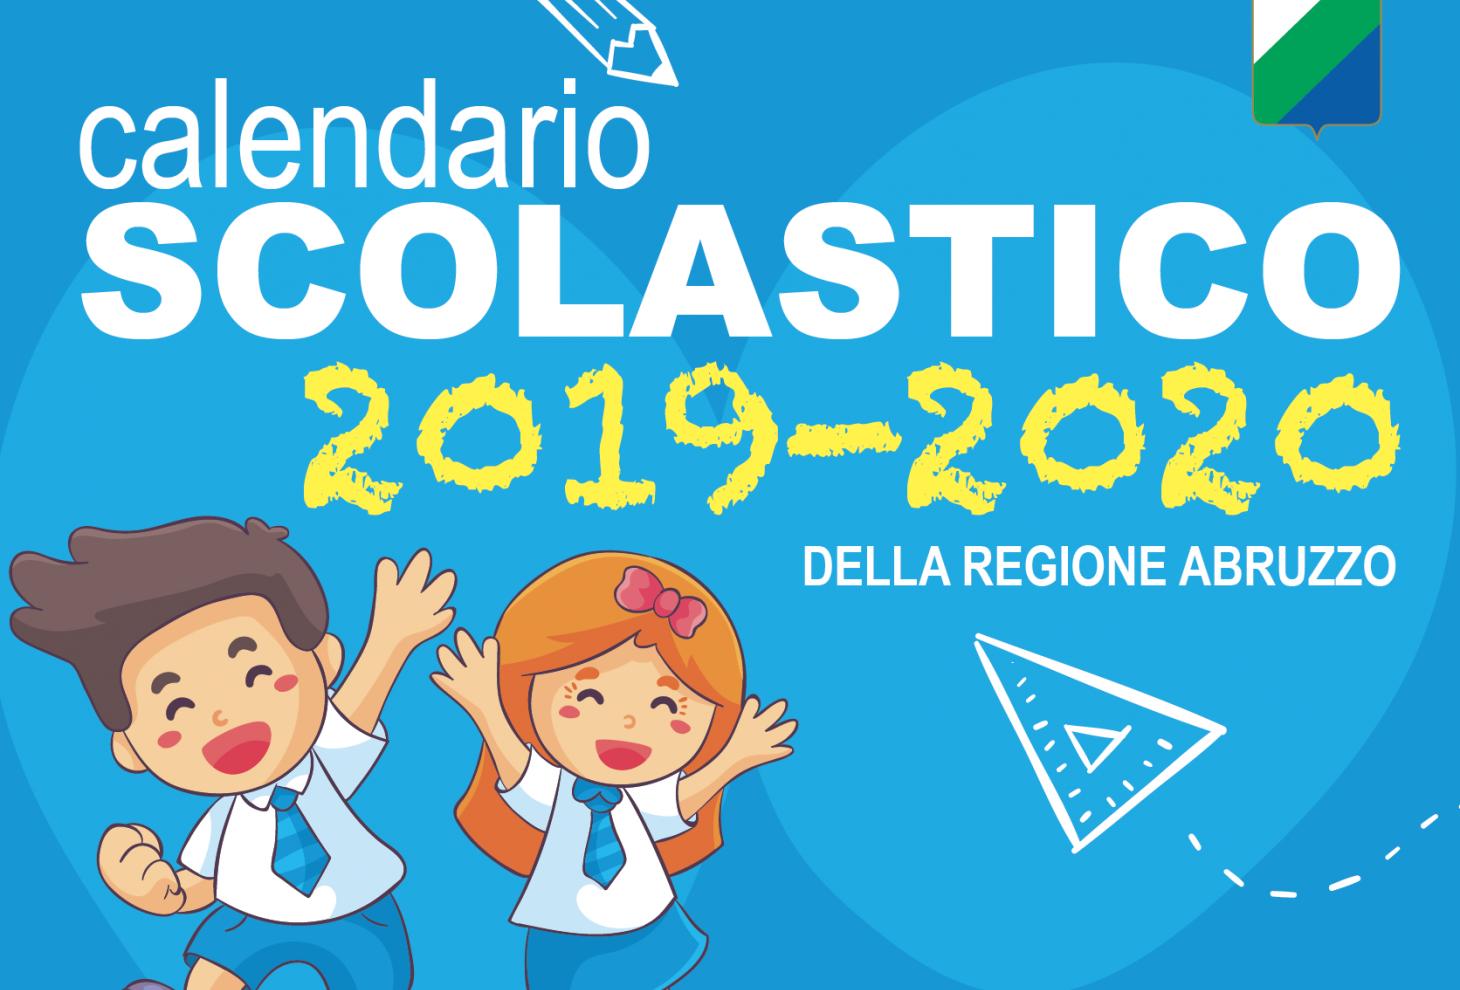 Miur Calendario Scolastico.Istruzione Scaricabile Il Calendario Scolastico 2019 20